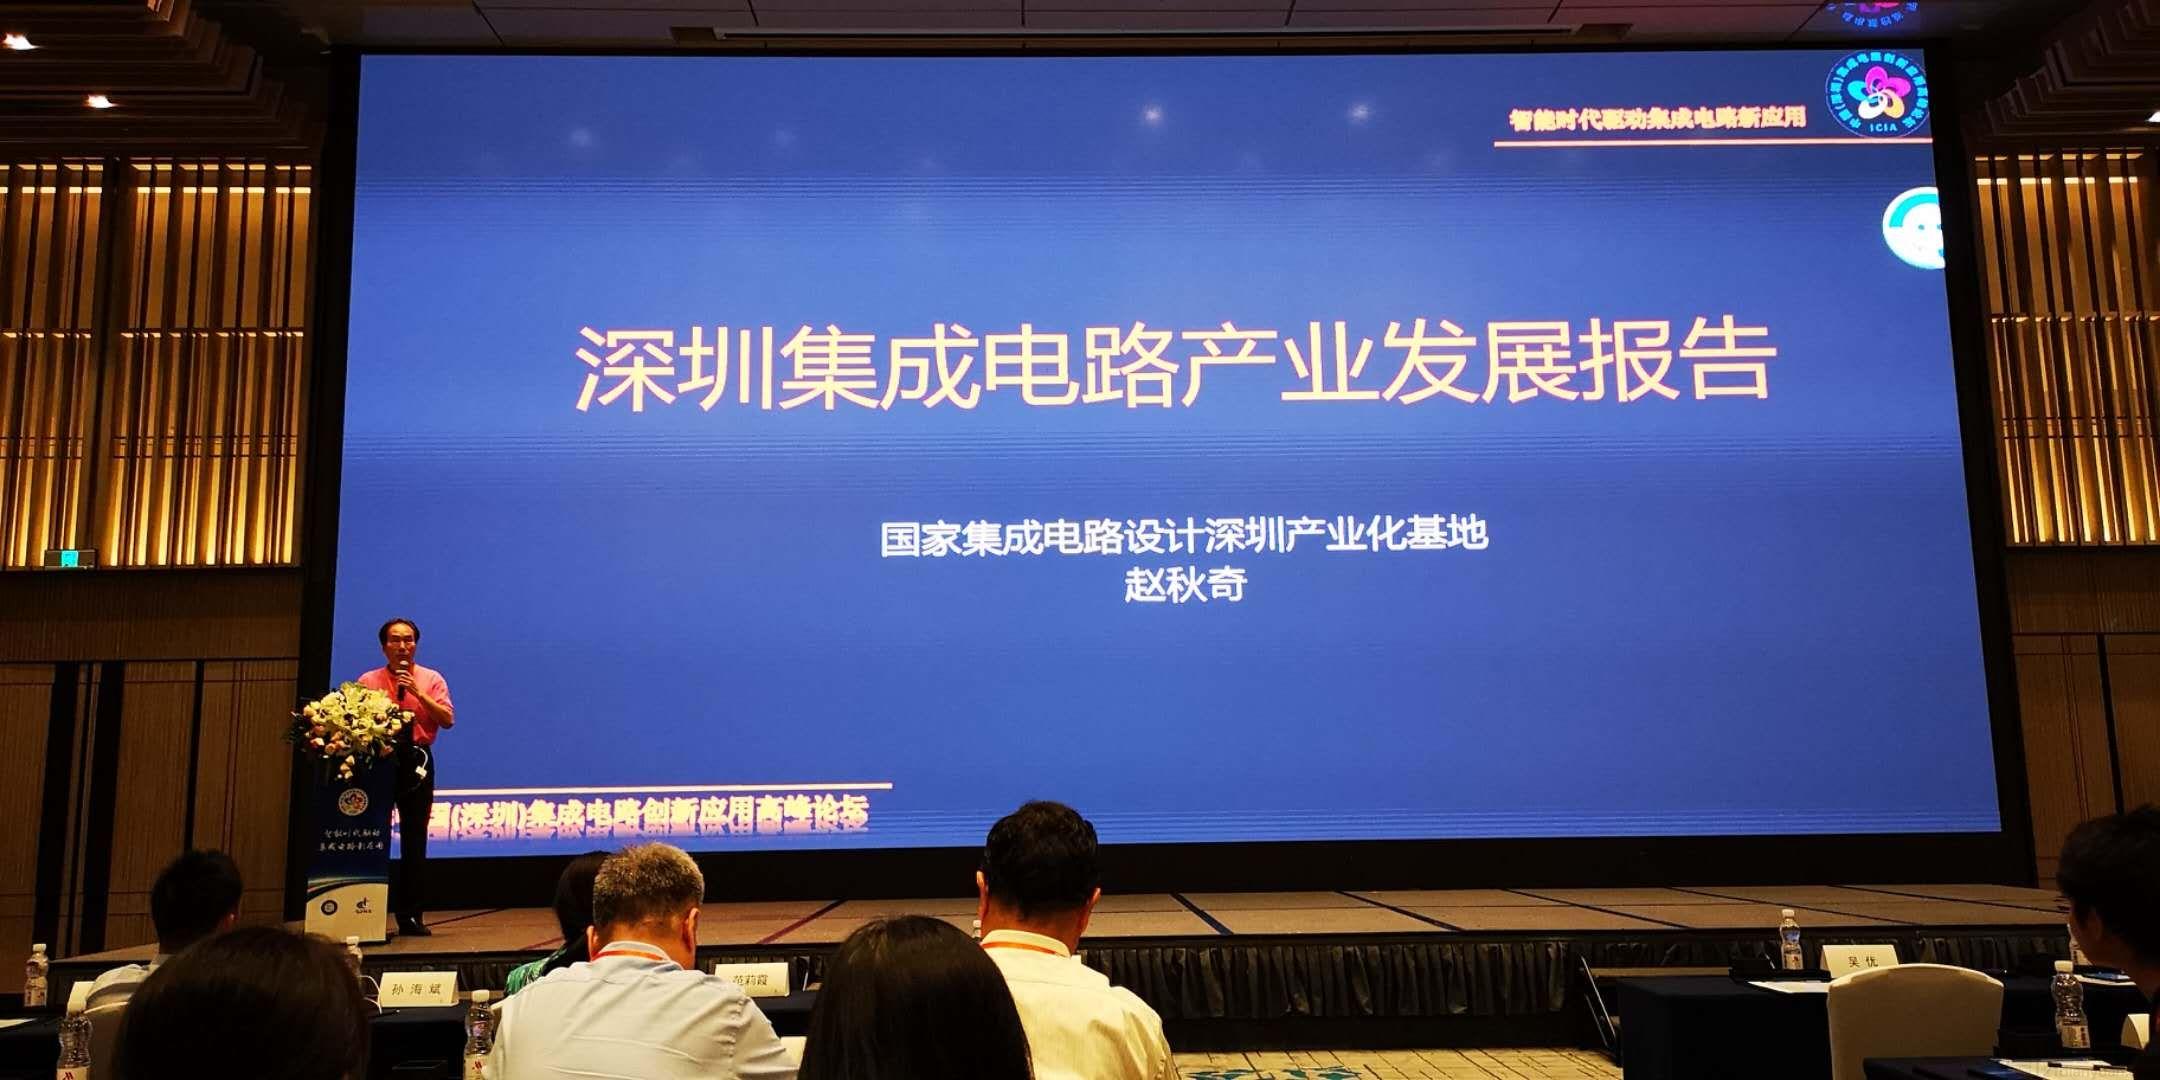 """智能时代照耀产业""""芯""""风口,IC应用再迎热点新契机——2018中国(深圳)集成电路创新应用高峰论坛在深召开"""